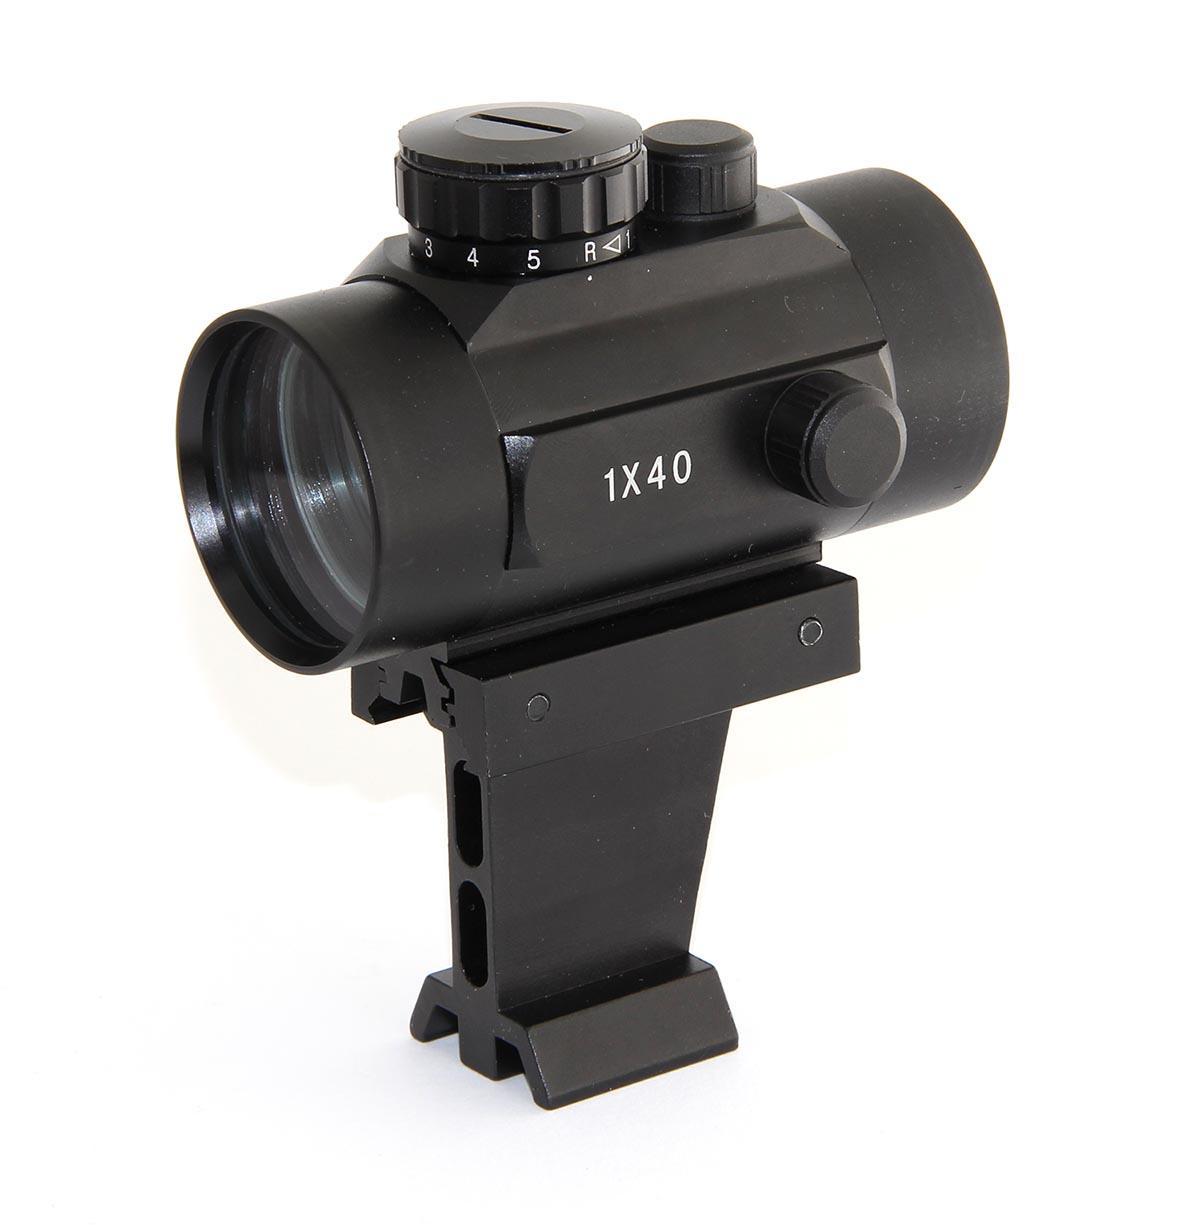 TS-Optics SkyfinderV LED Red Dot Finder - completely of metal[EN]